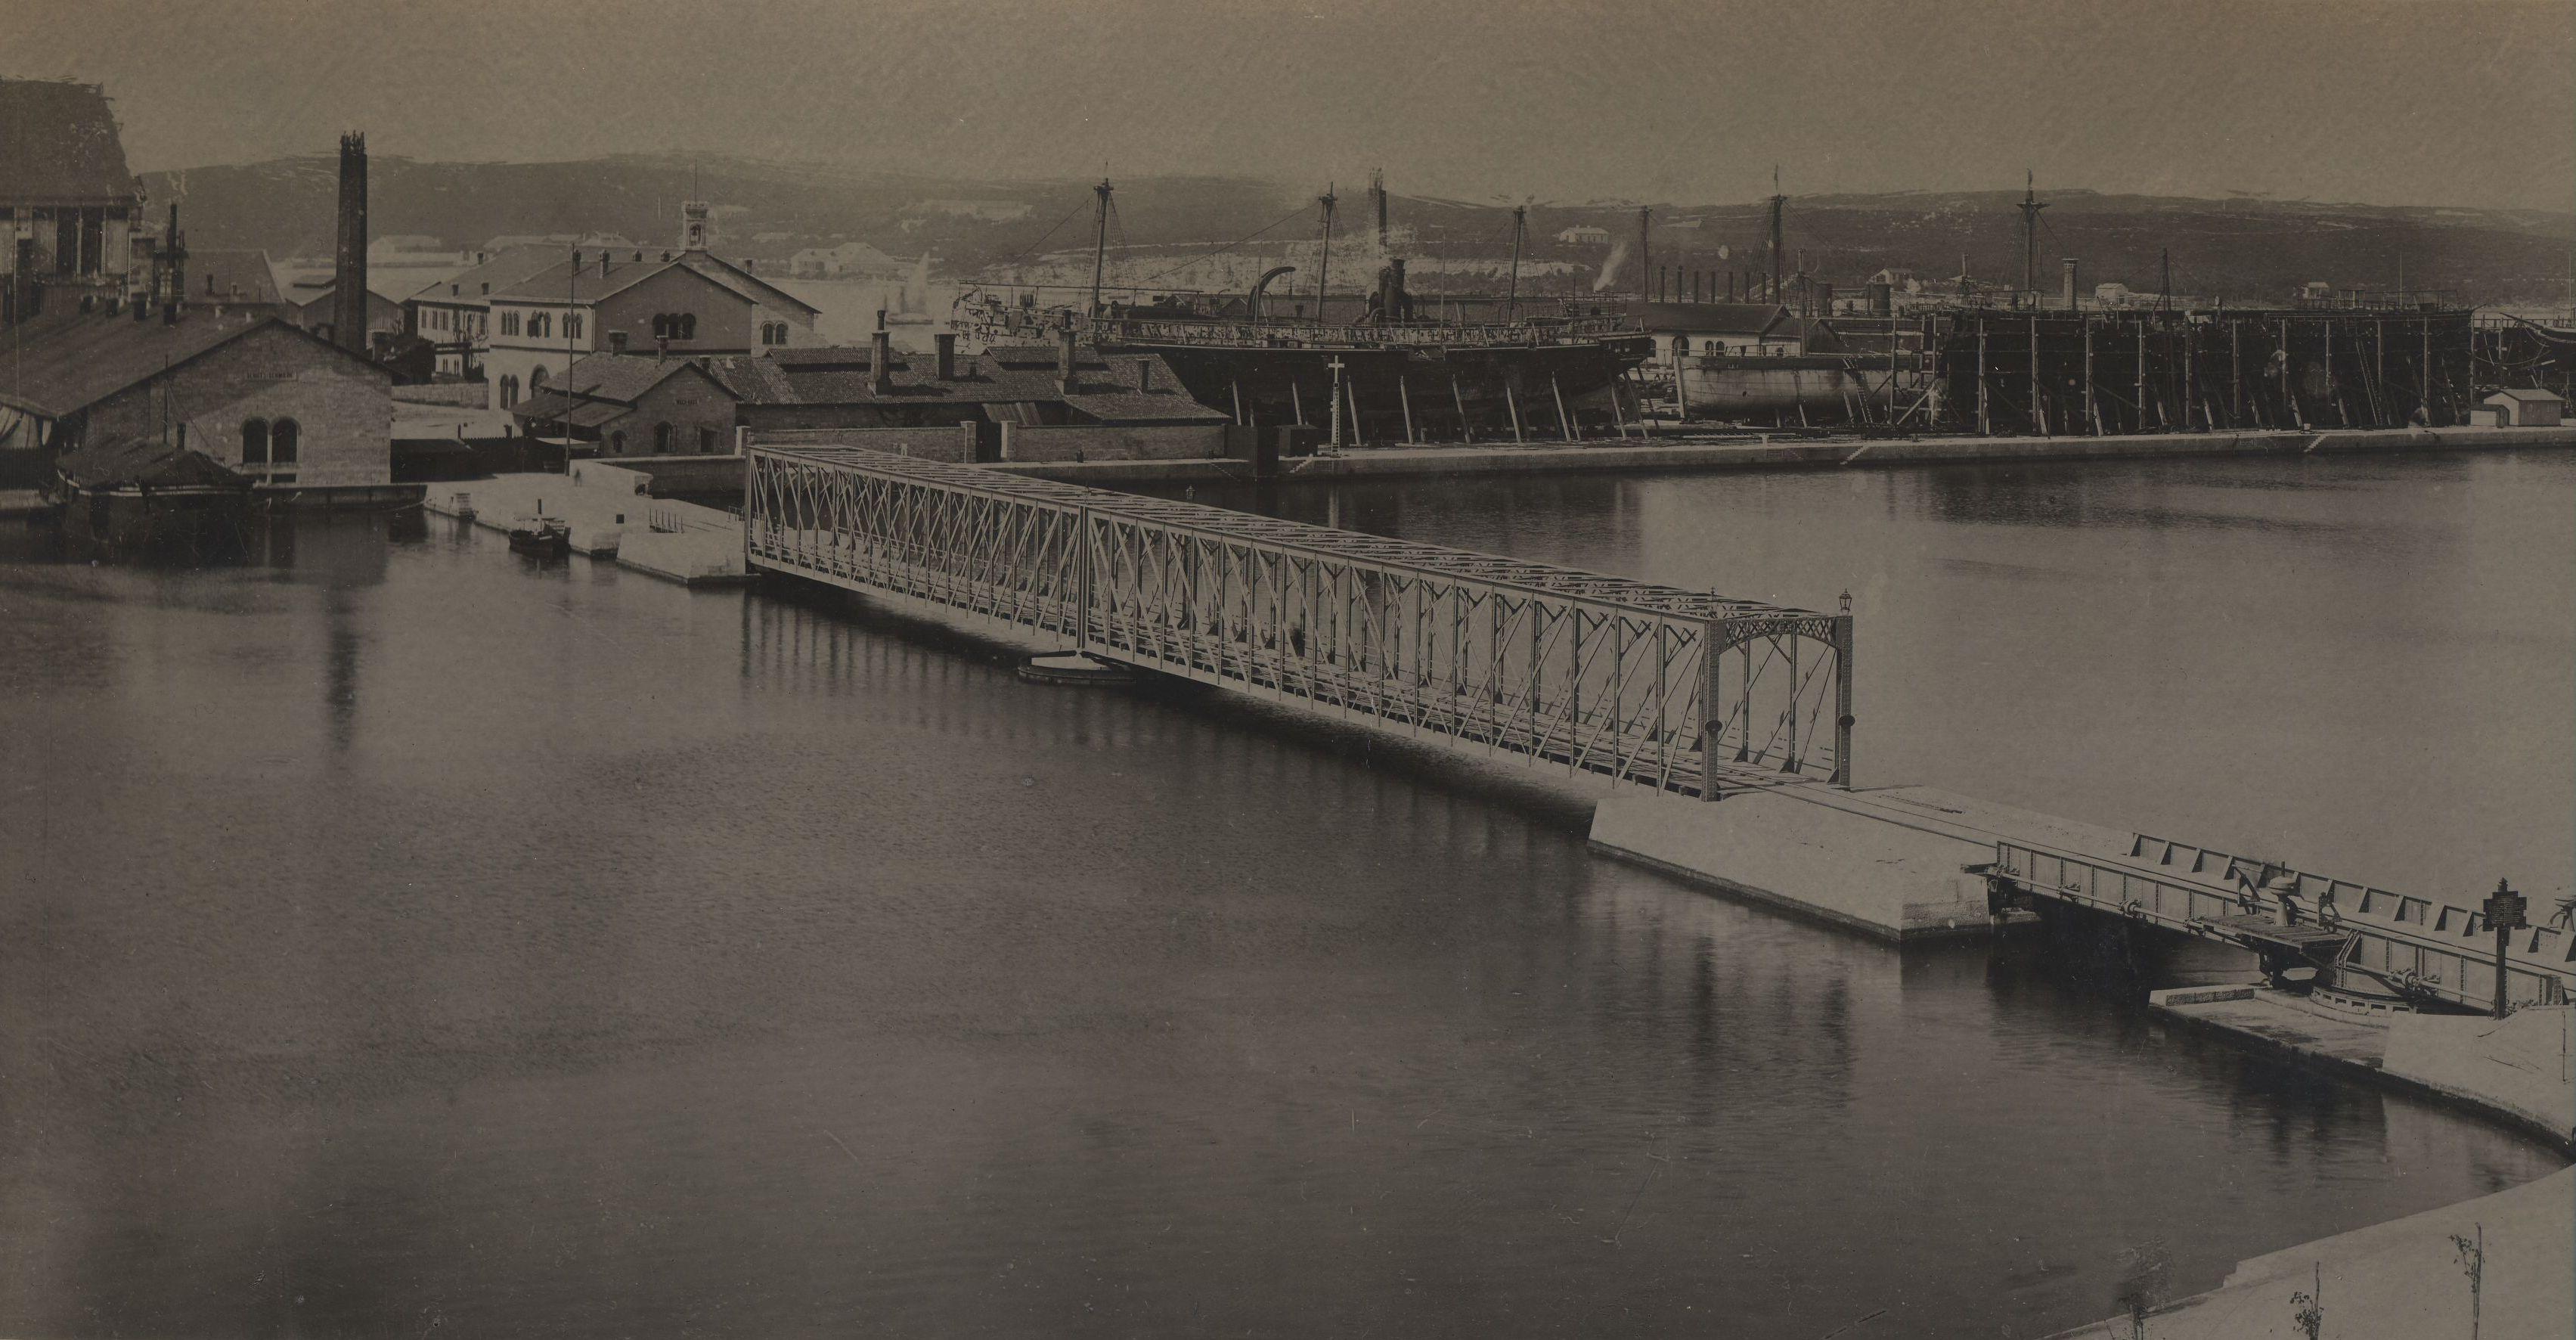 Na tom otočiću smješteni su bili tad, kao i danas, objekti i glavni pogoni brodogradilišta, a s obalom je povezan mostom. Na fotografiji je konstrukcija željeznog mosta od Rive prema brodogradilištu na otoku Uljanik, izgrađenog 1882. godine